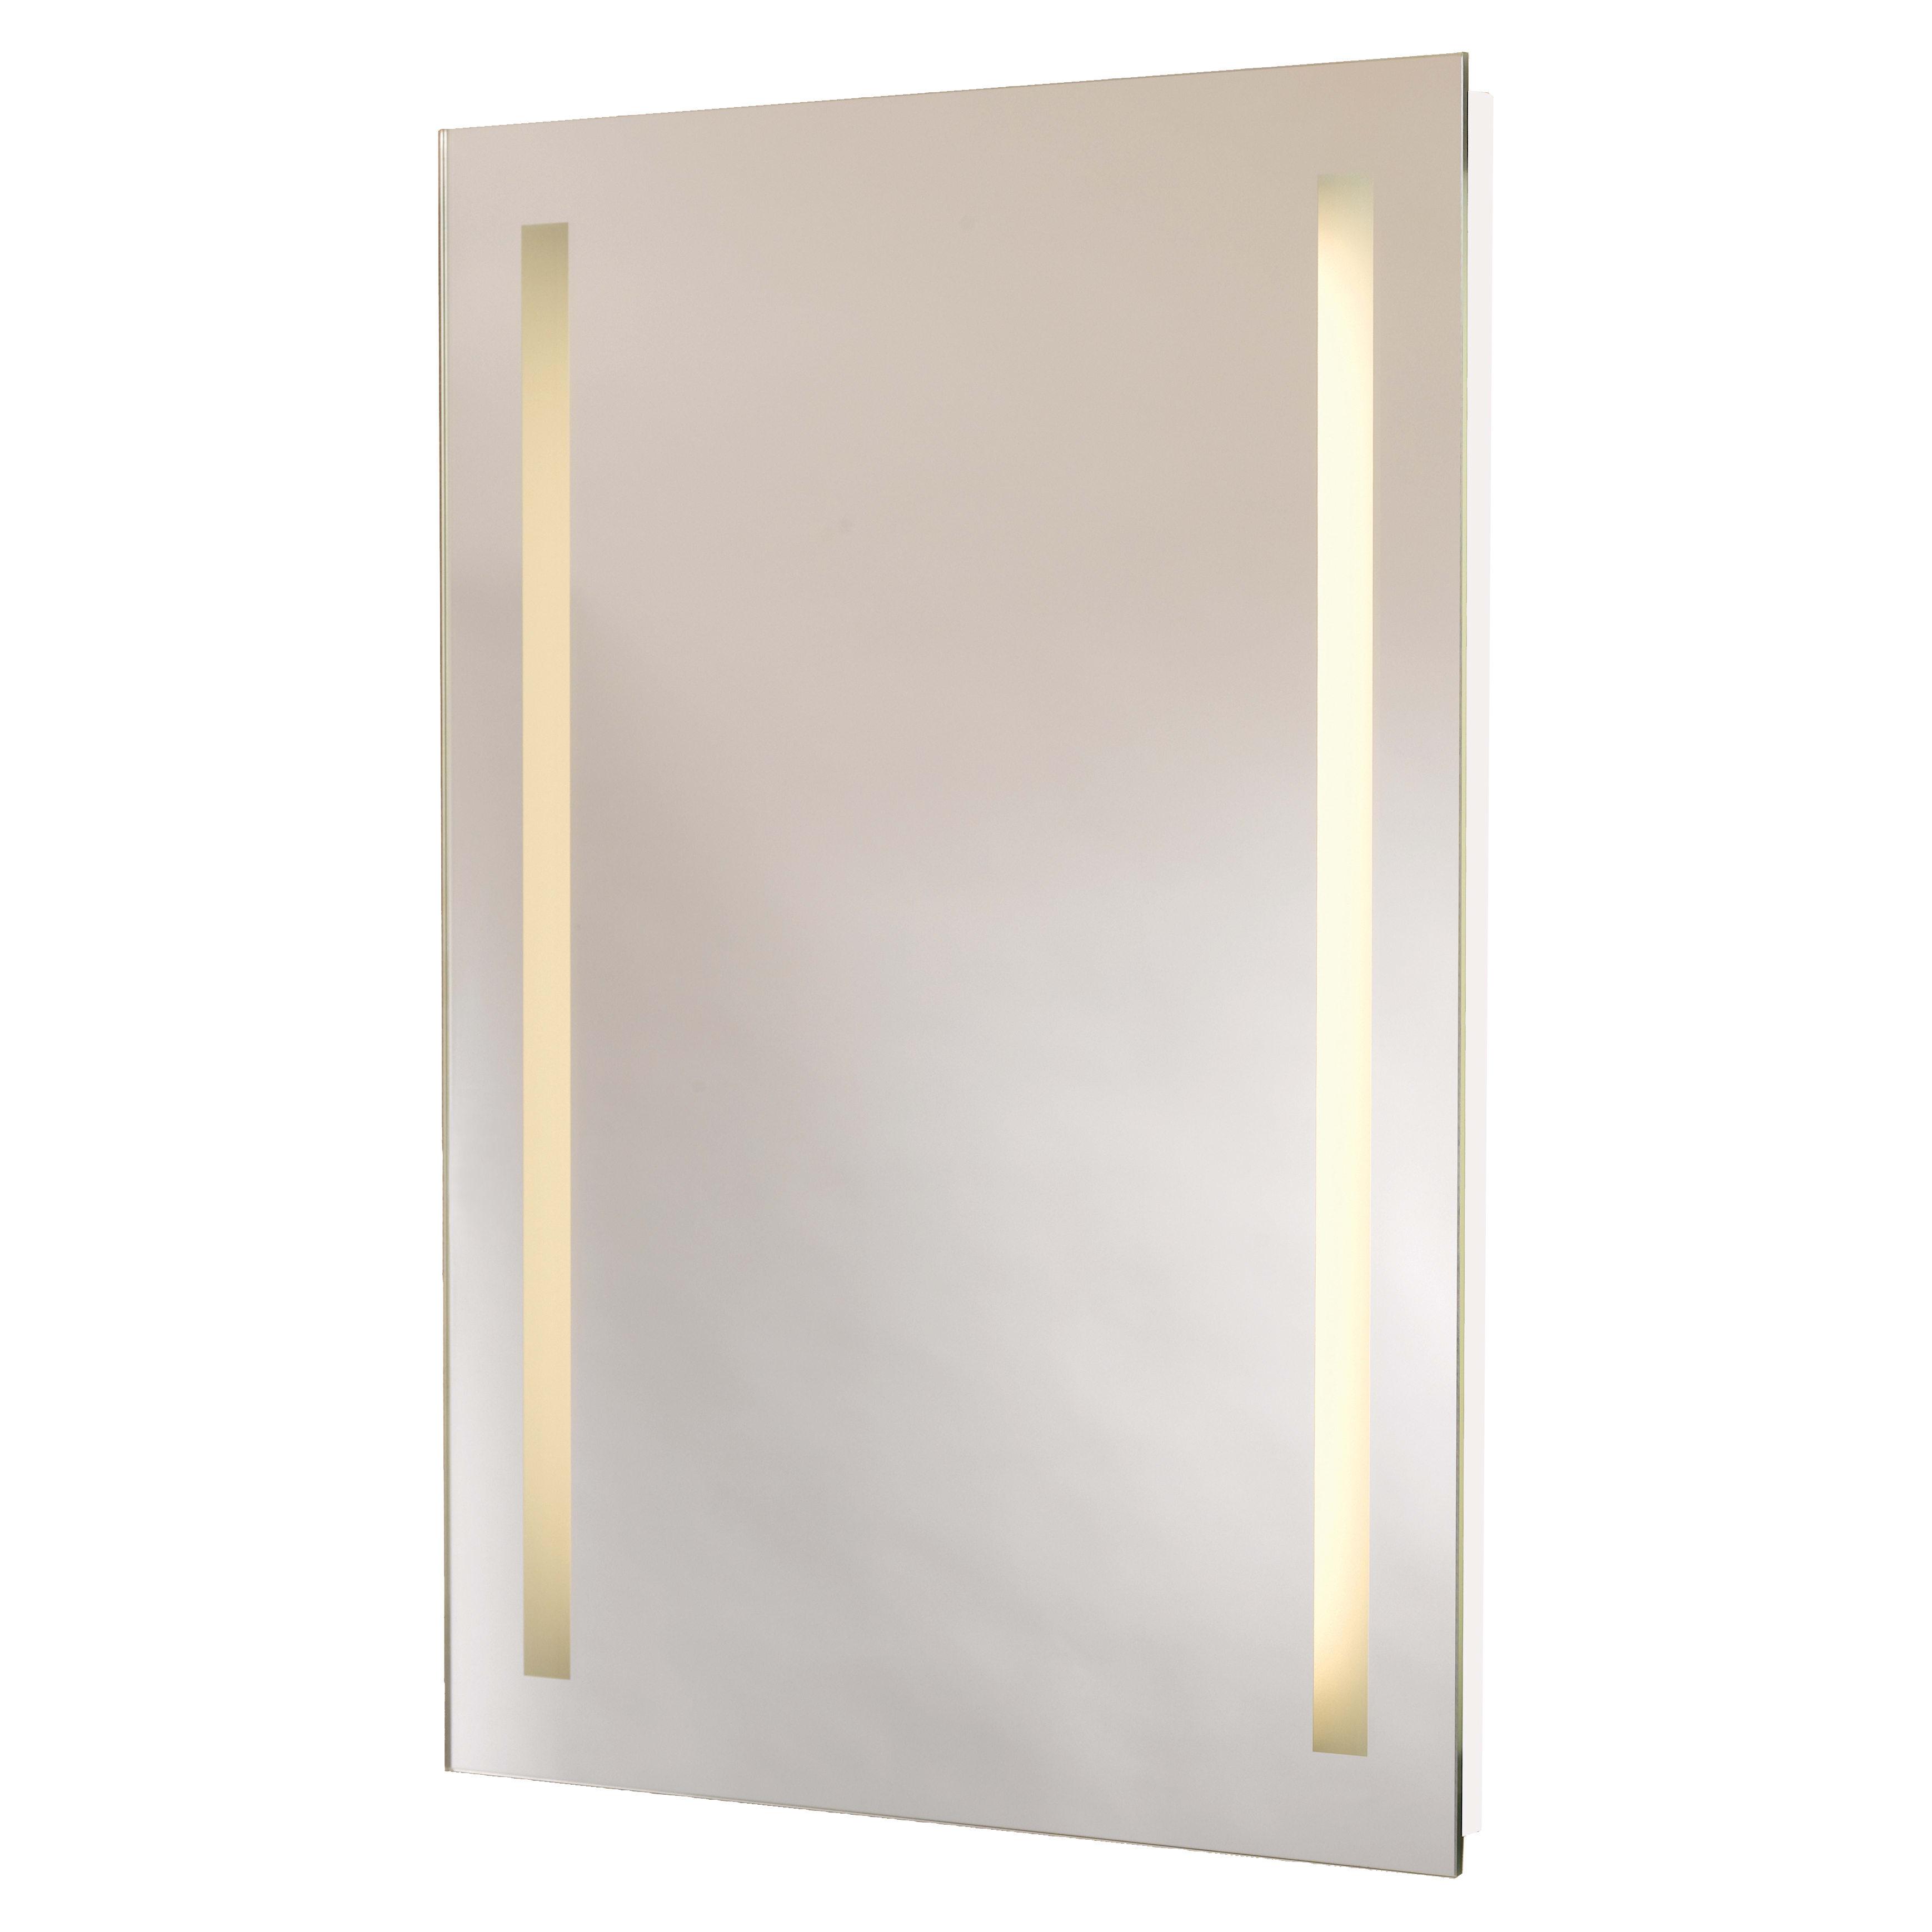 Sidste nye Køb Kriss Athena Duo spejl med belysning 60 x 80 cm 771661260 RM-58